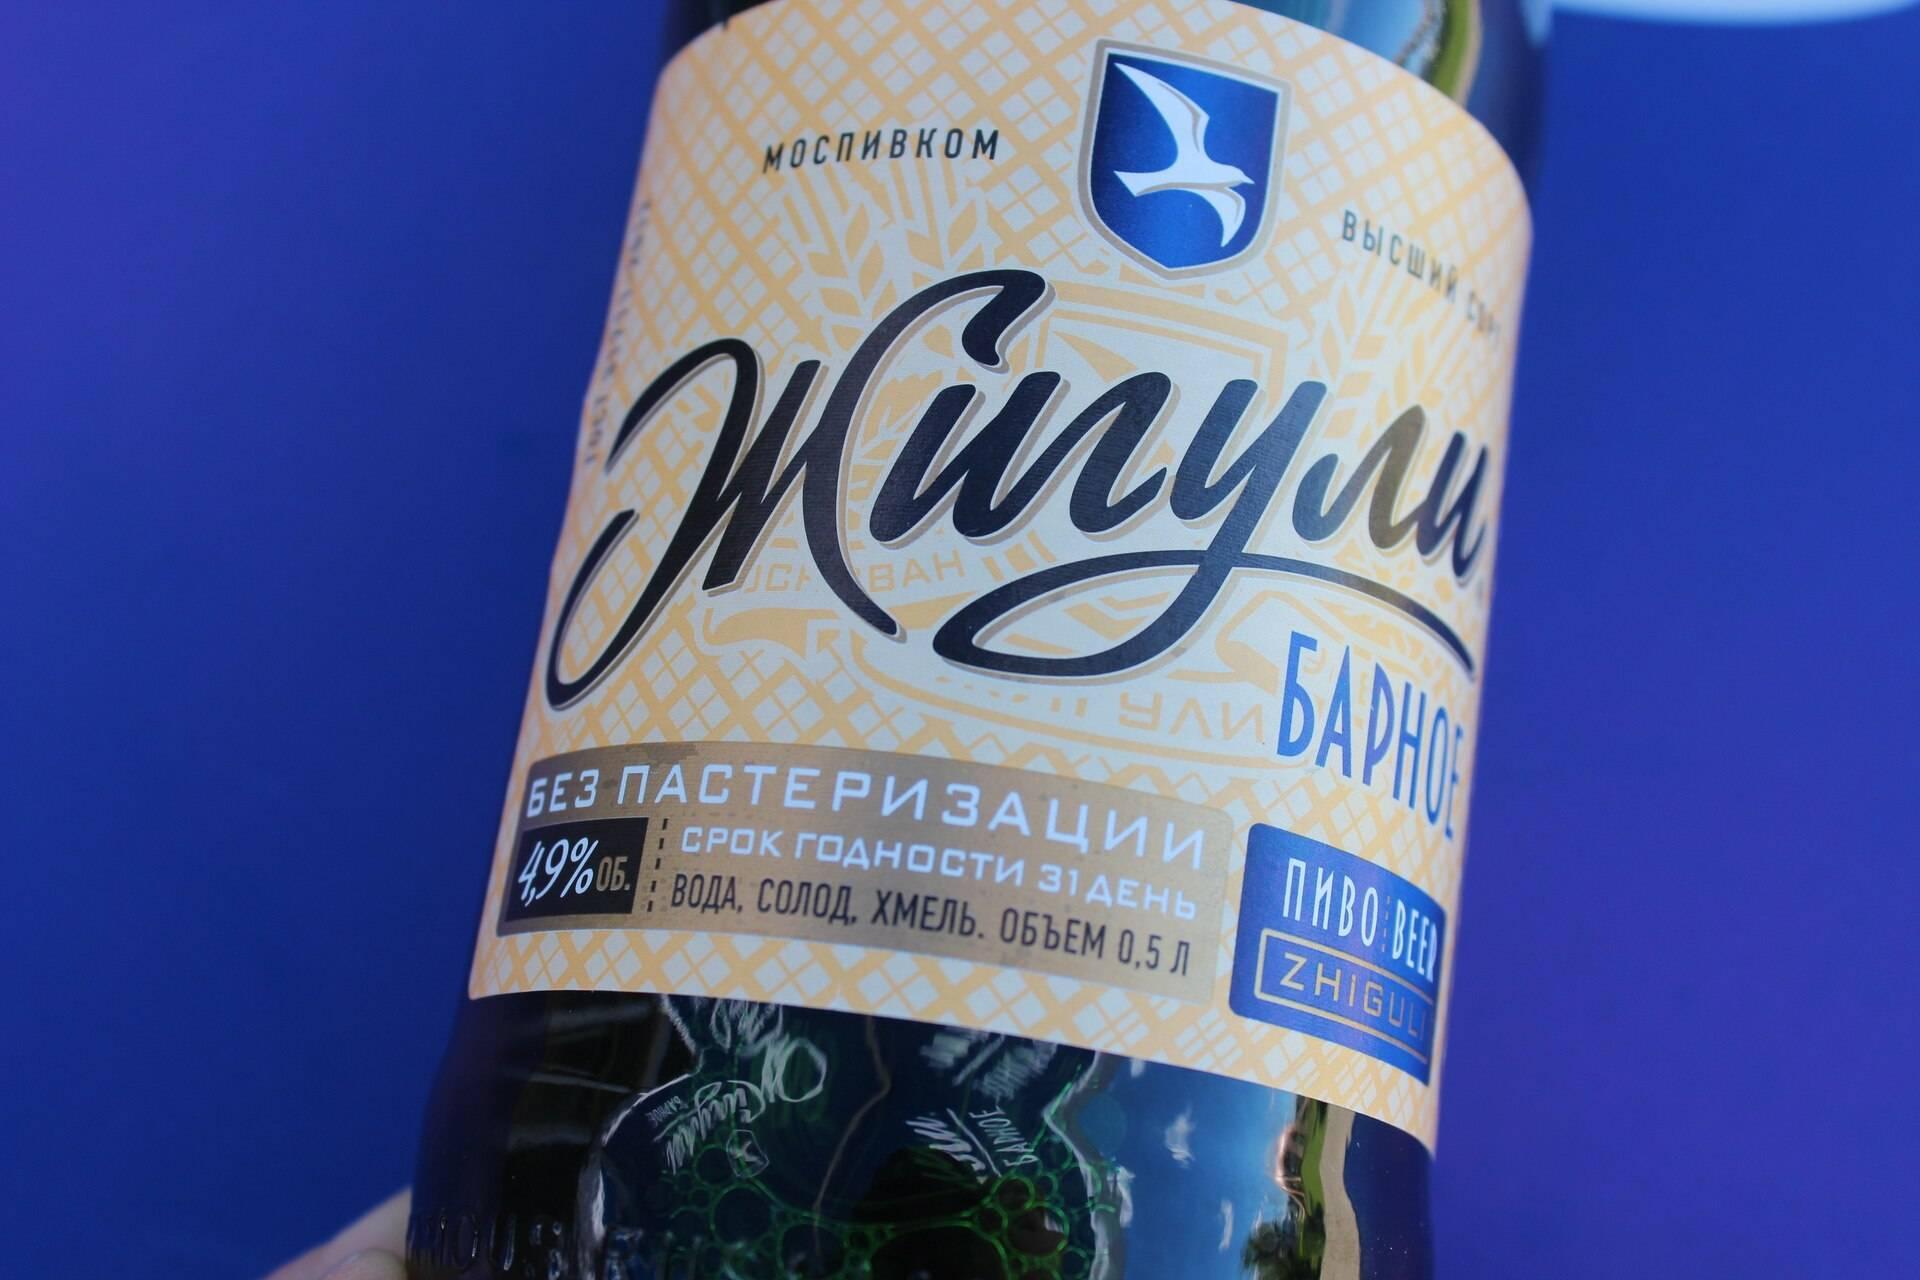 """""""жигулевское барное"""": производитель, вкусовые качества, фото и отзывы о пиве"""